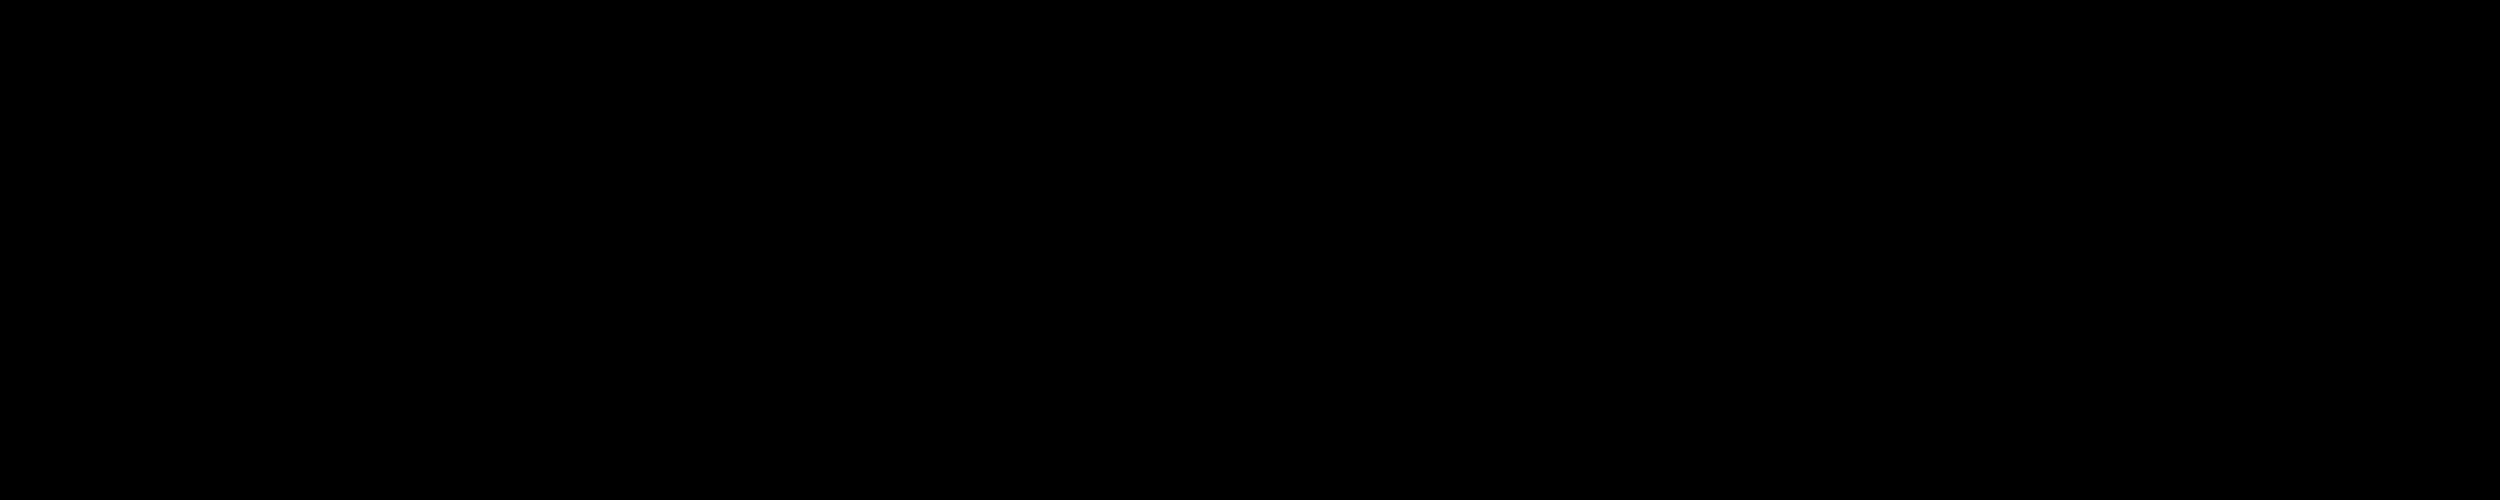 IBM_logo_3.png